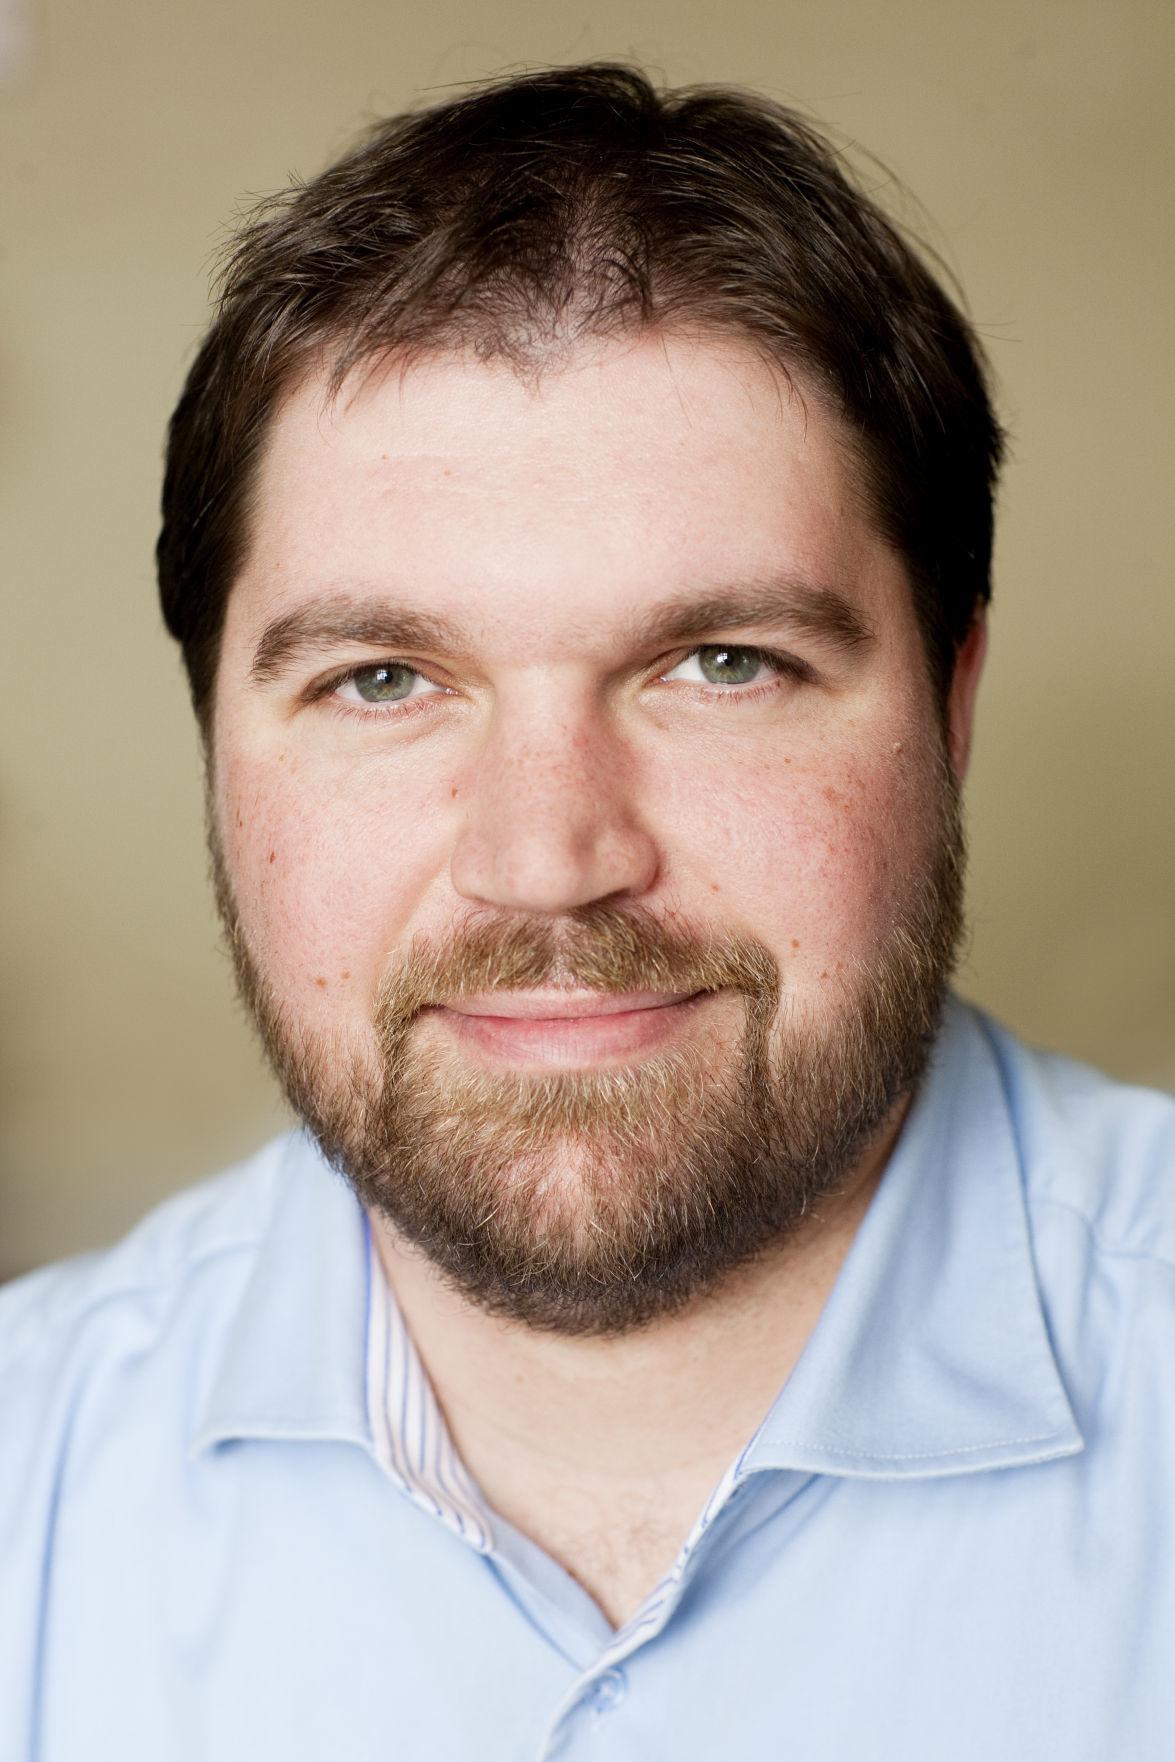 Matt Rota